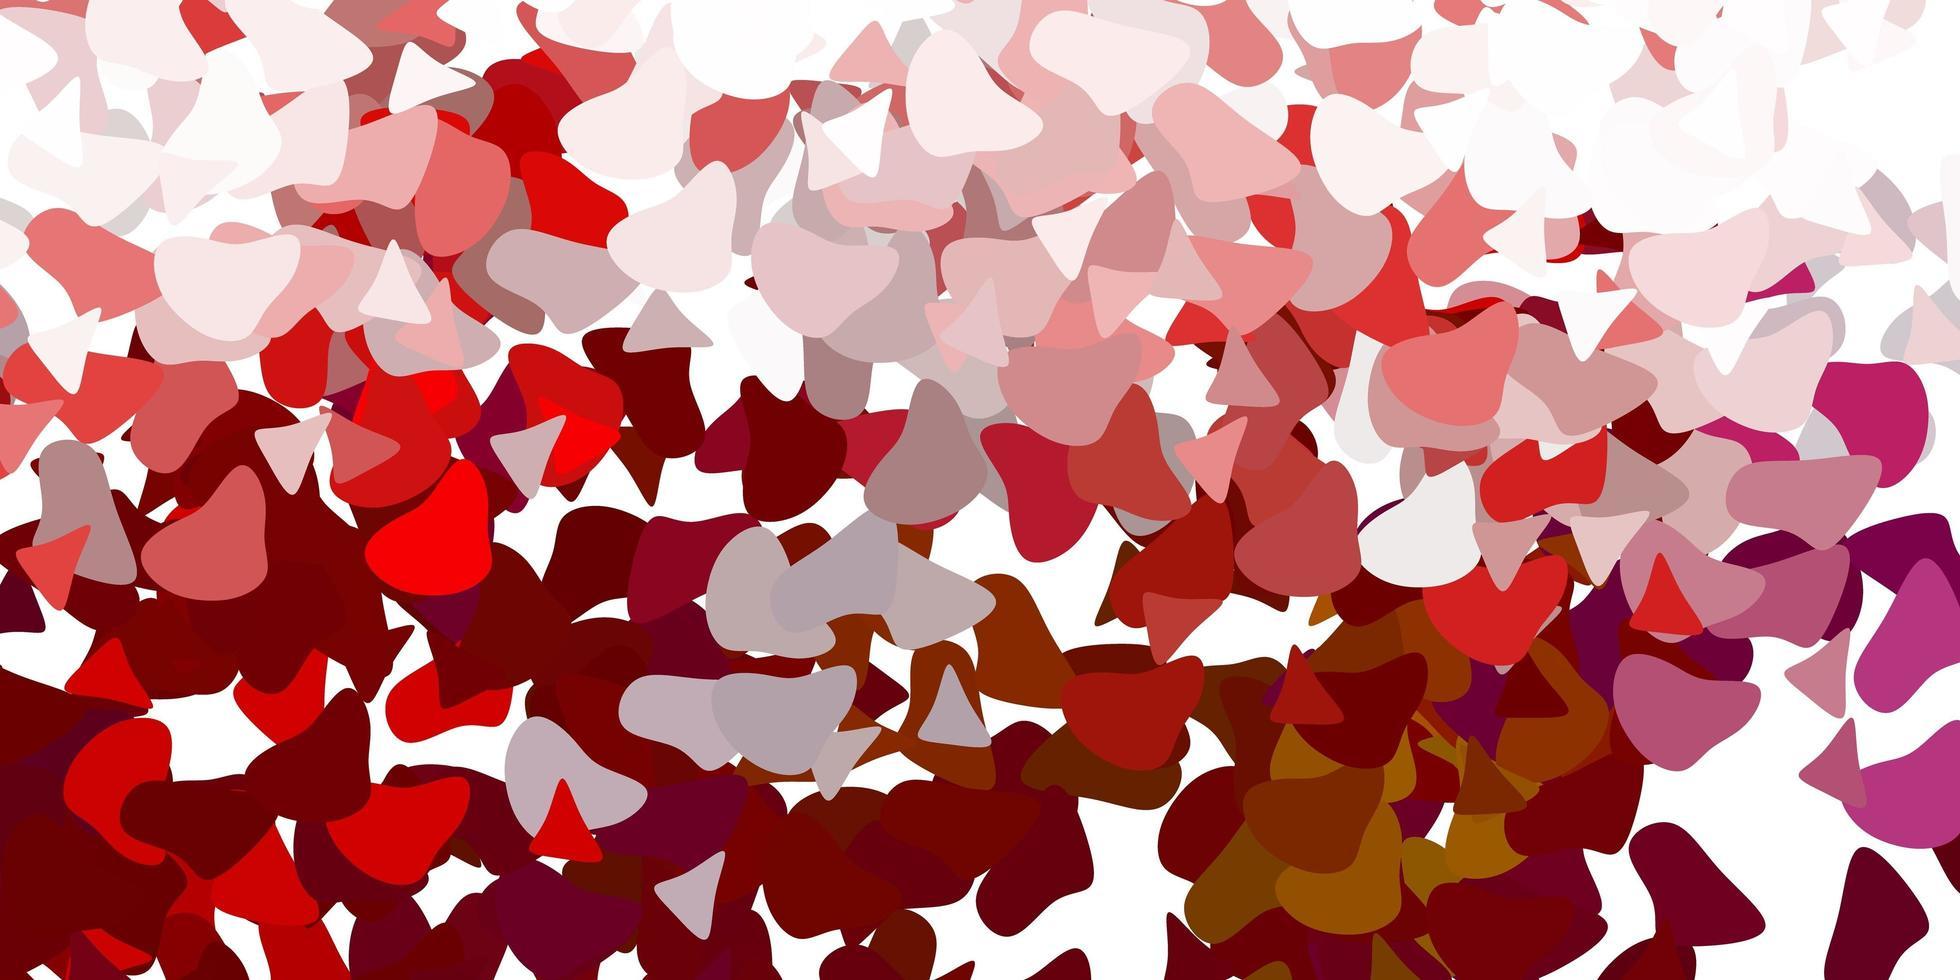 leichtes mehrfarbiges Vektormuster mit abstrakten Formen. vektor